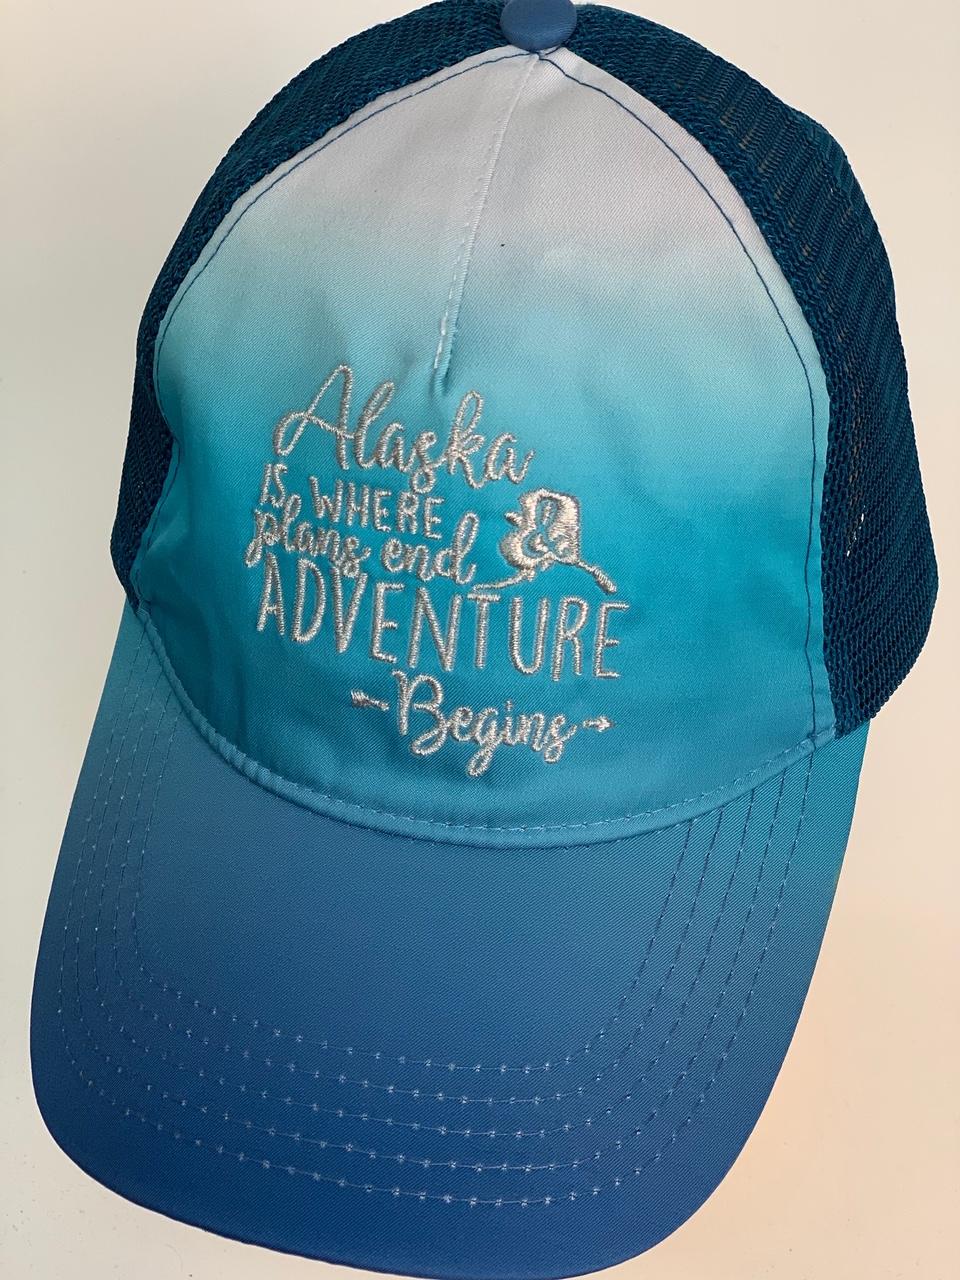 Кепка голубая с градиентом Alaska adventure begins